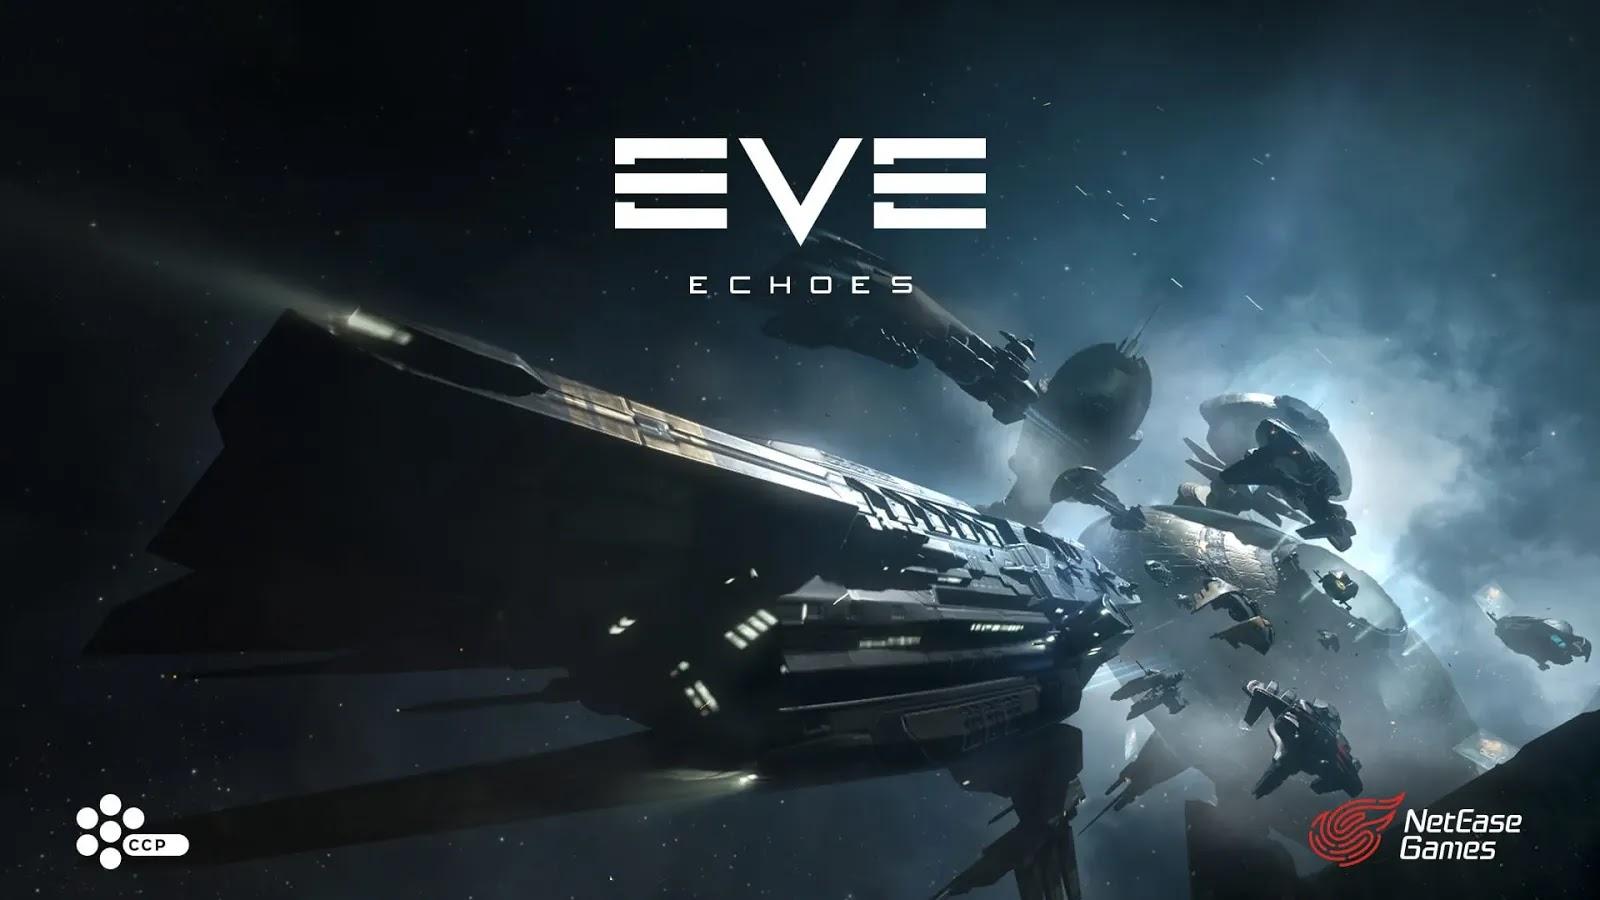 انضم إلى المعركة الشرسة في الفضاء الخارجي مع لعبة EVE Echoes